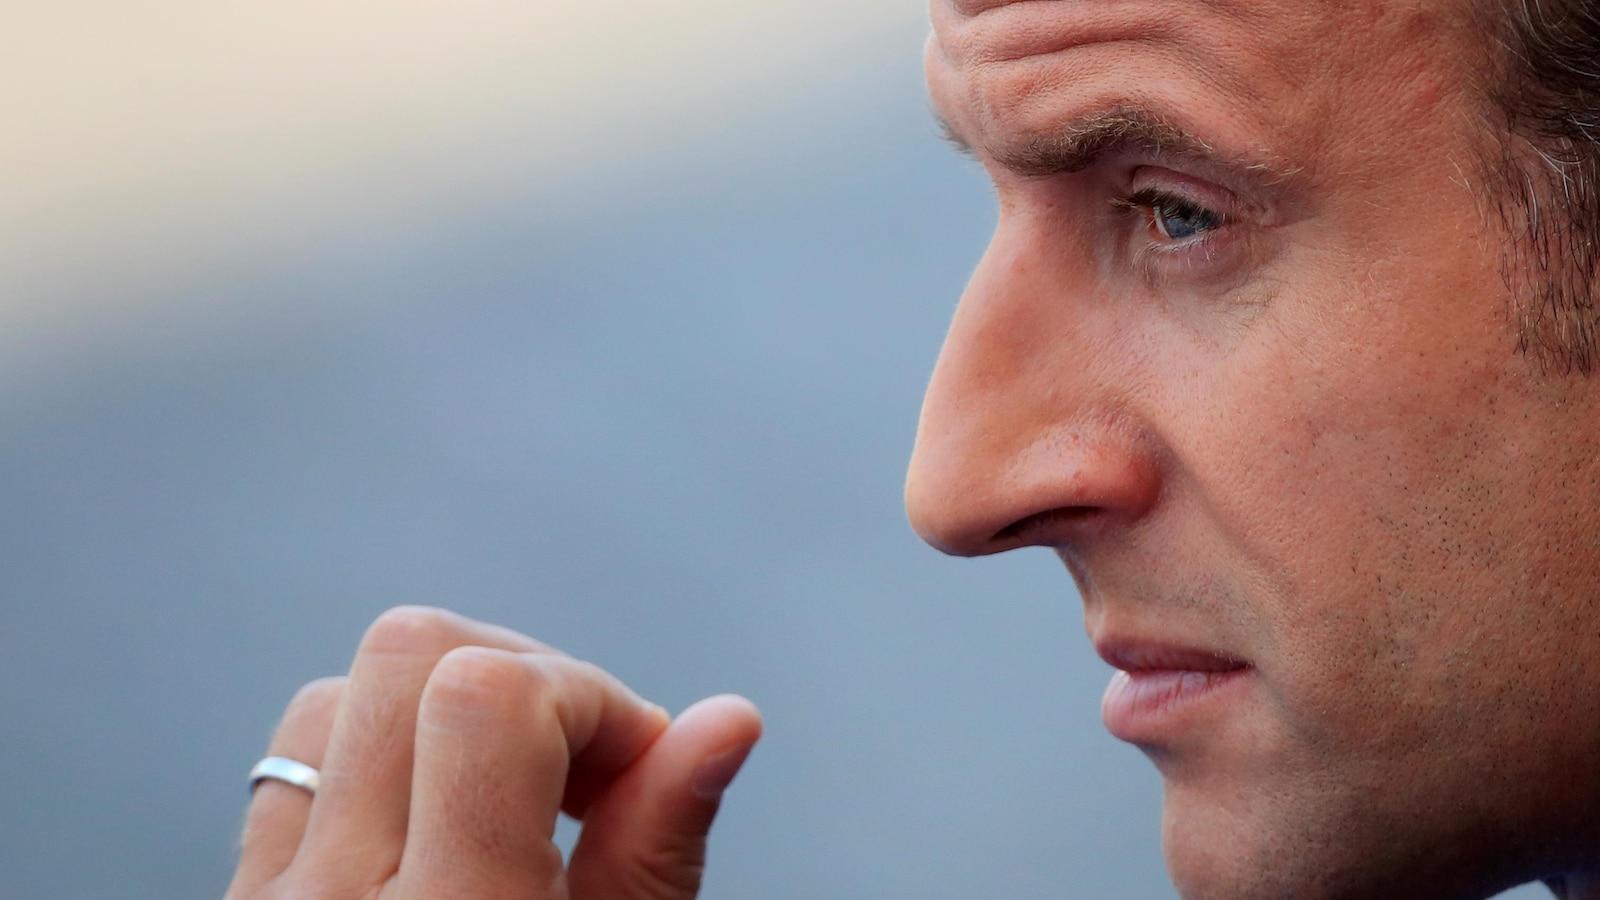 Gros plan sur le visage d'Emmanuel Macron, de profil.